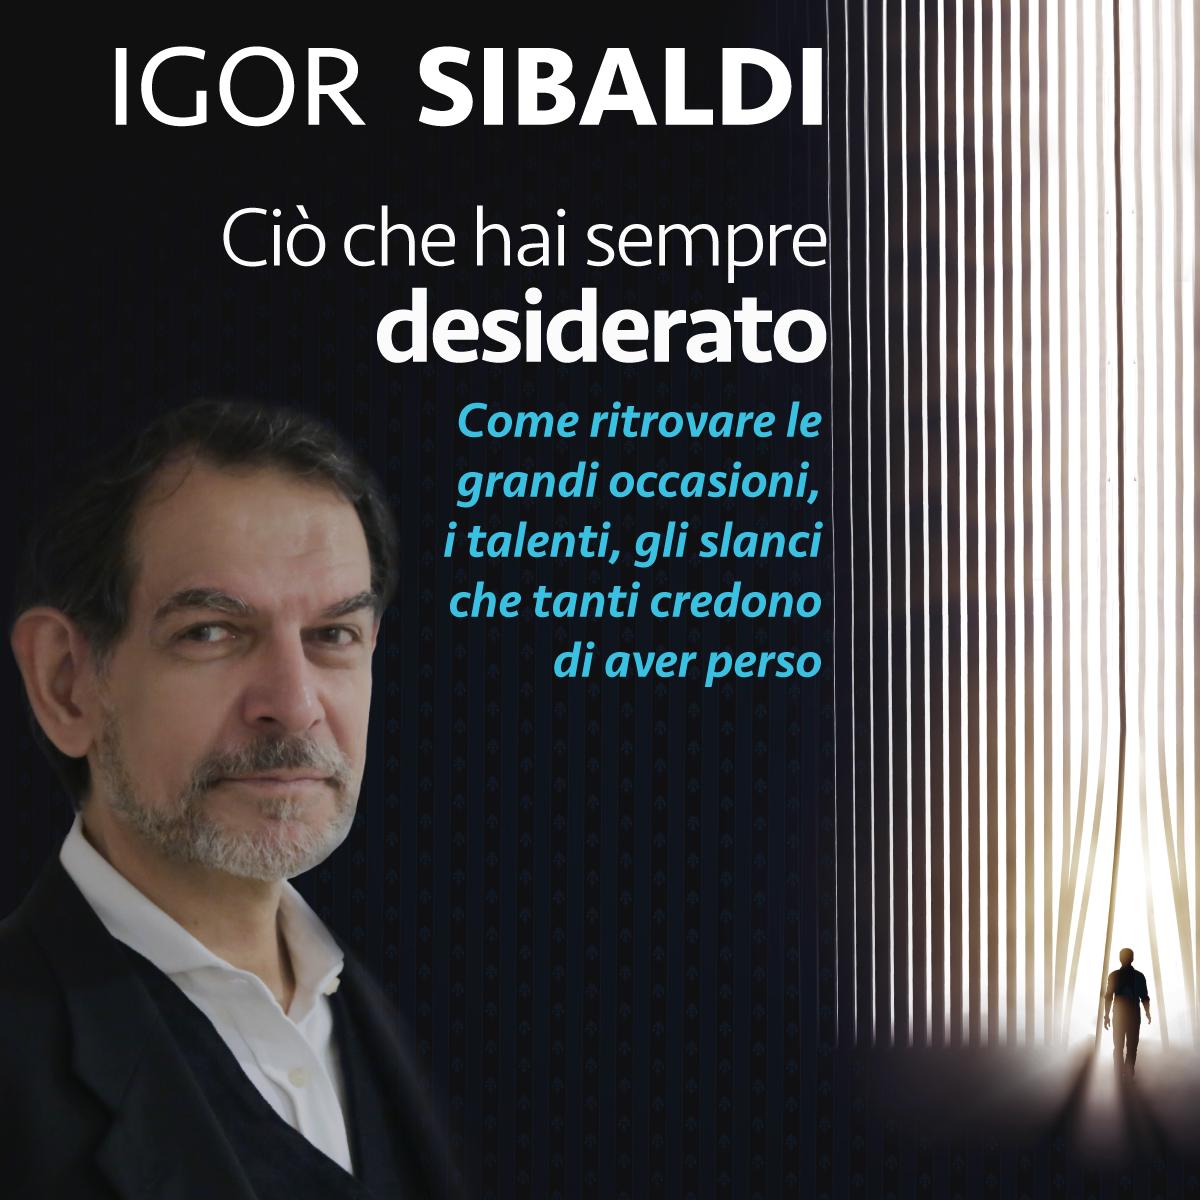 Igor Sibaldi - Ciò che hai sempre desiderato